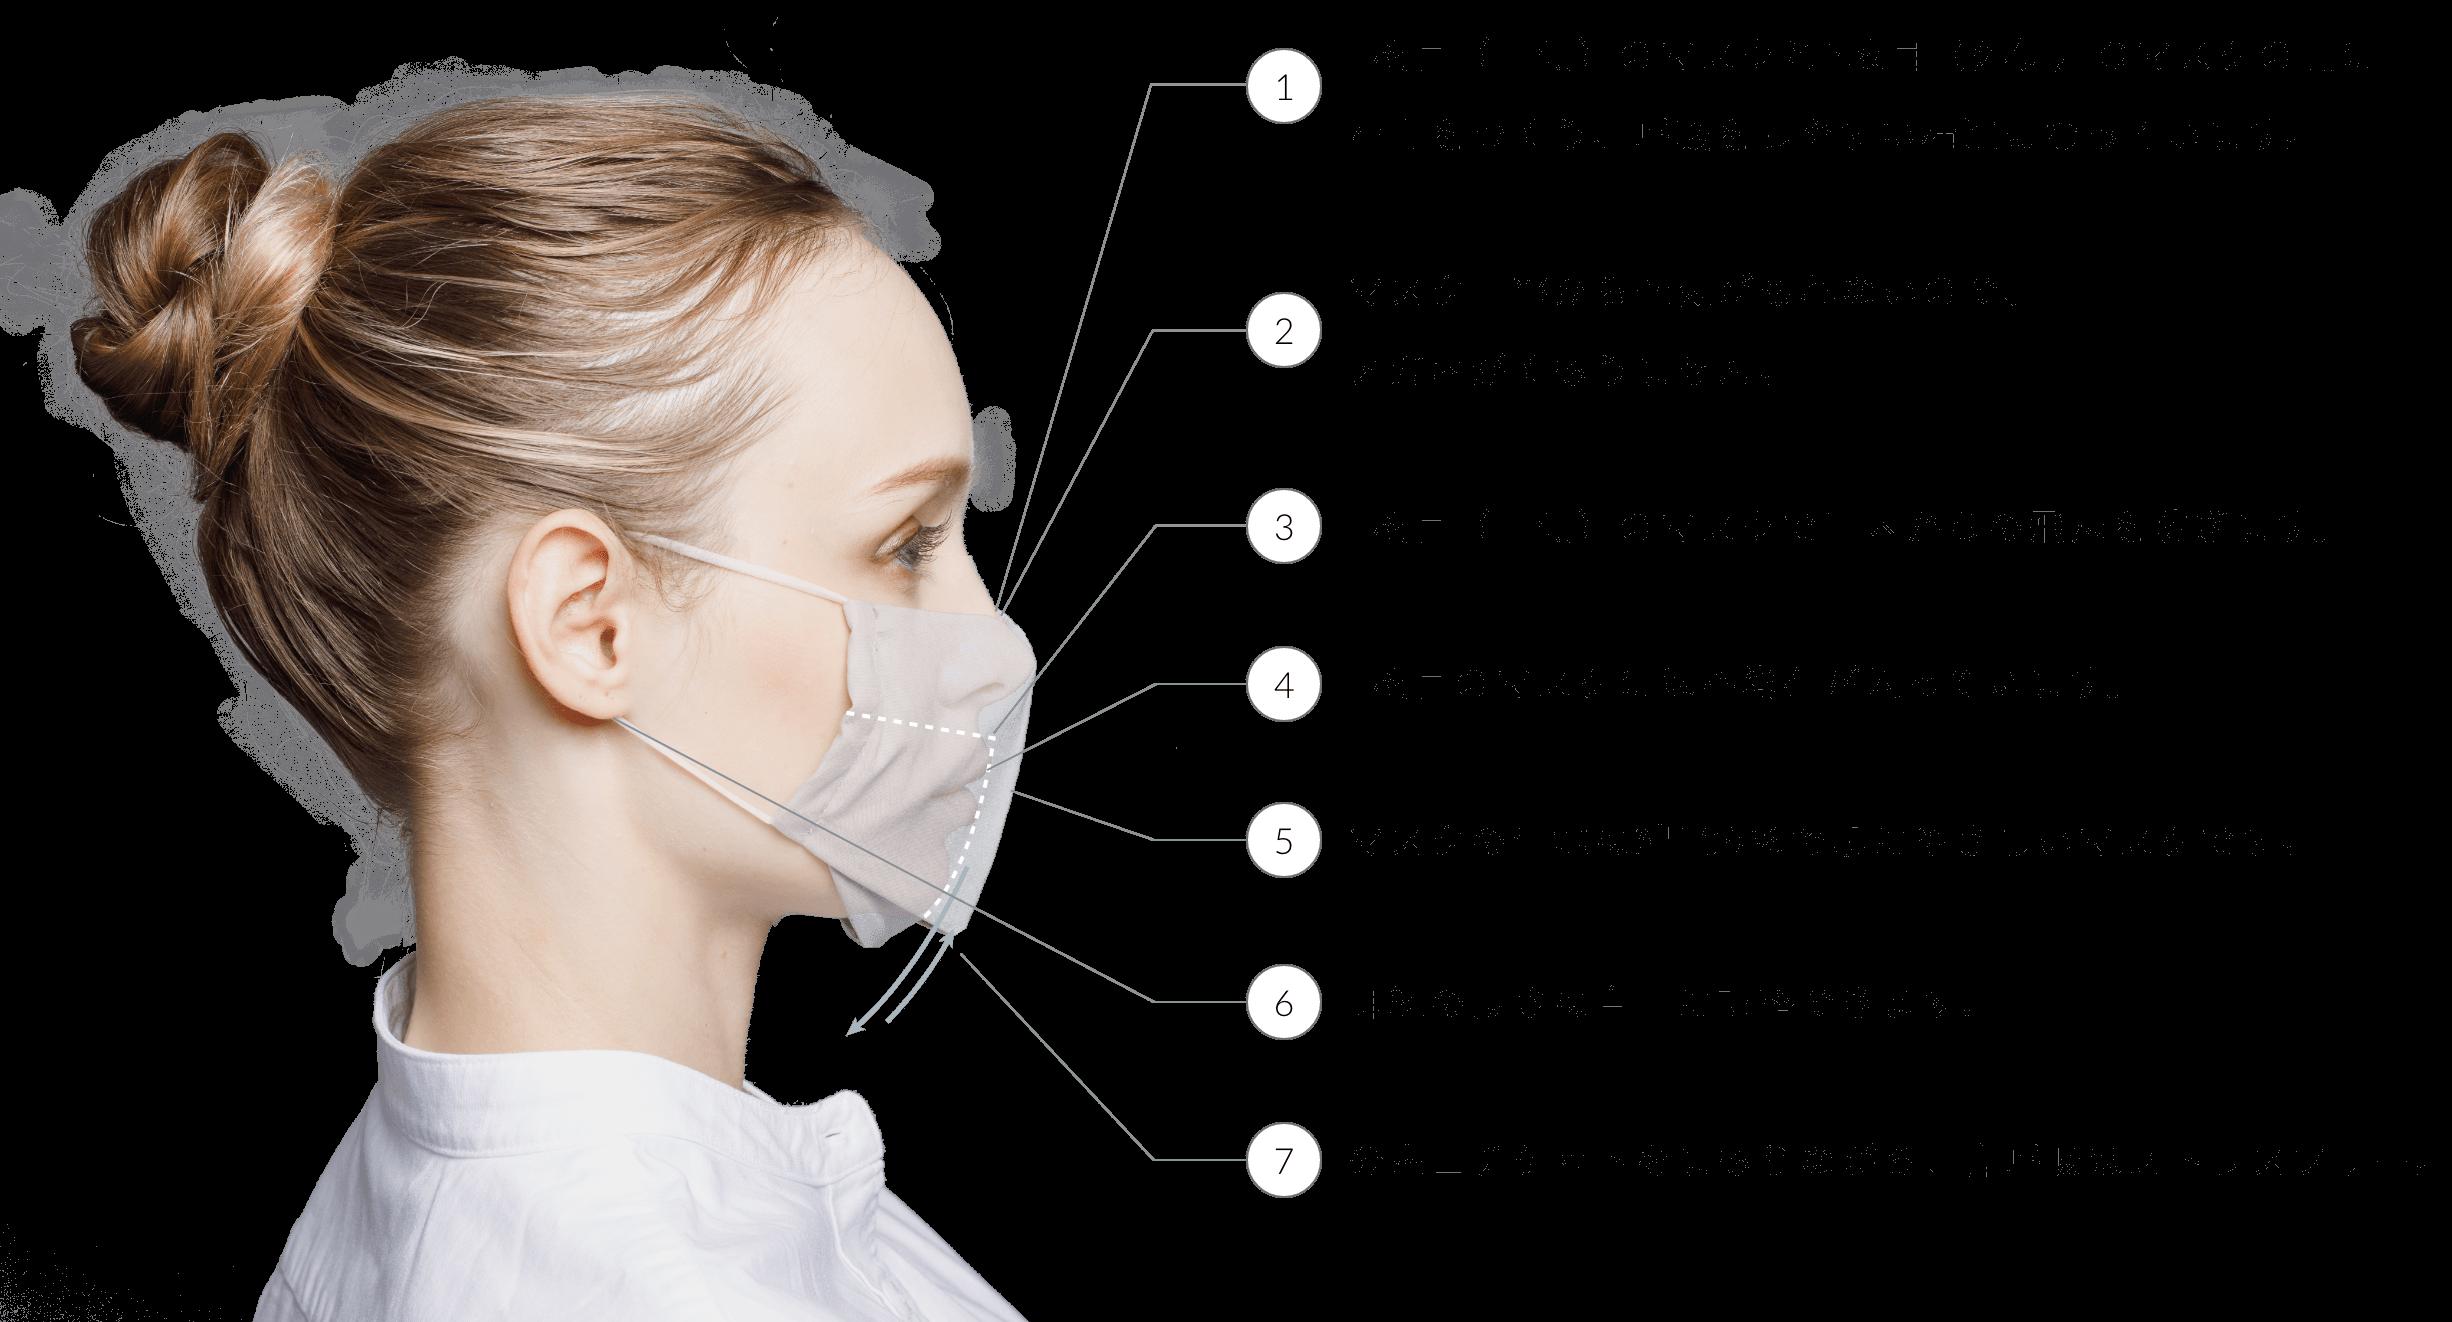 1.1枚目(口側)のマスクと2枚目(外側)のマスクの間に空間をつくり、呼吸をしやすい構造になっています。 2.マスク上部から空気がもれないので、メガネがくもりません。 3.1枚目(口側)のマスクで口内からの飛沫を防ぎます。 4.1枚目のマスクには不織布が入っています。 5.マスクの生地は綿100%で肌にやさしいマスクです。 6.耳紐の長さは自由に調整できます。 7.公衆エチケットをまもりながら、鼻呼吸はストレスフリー。